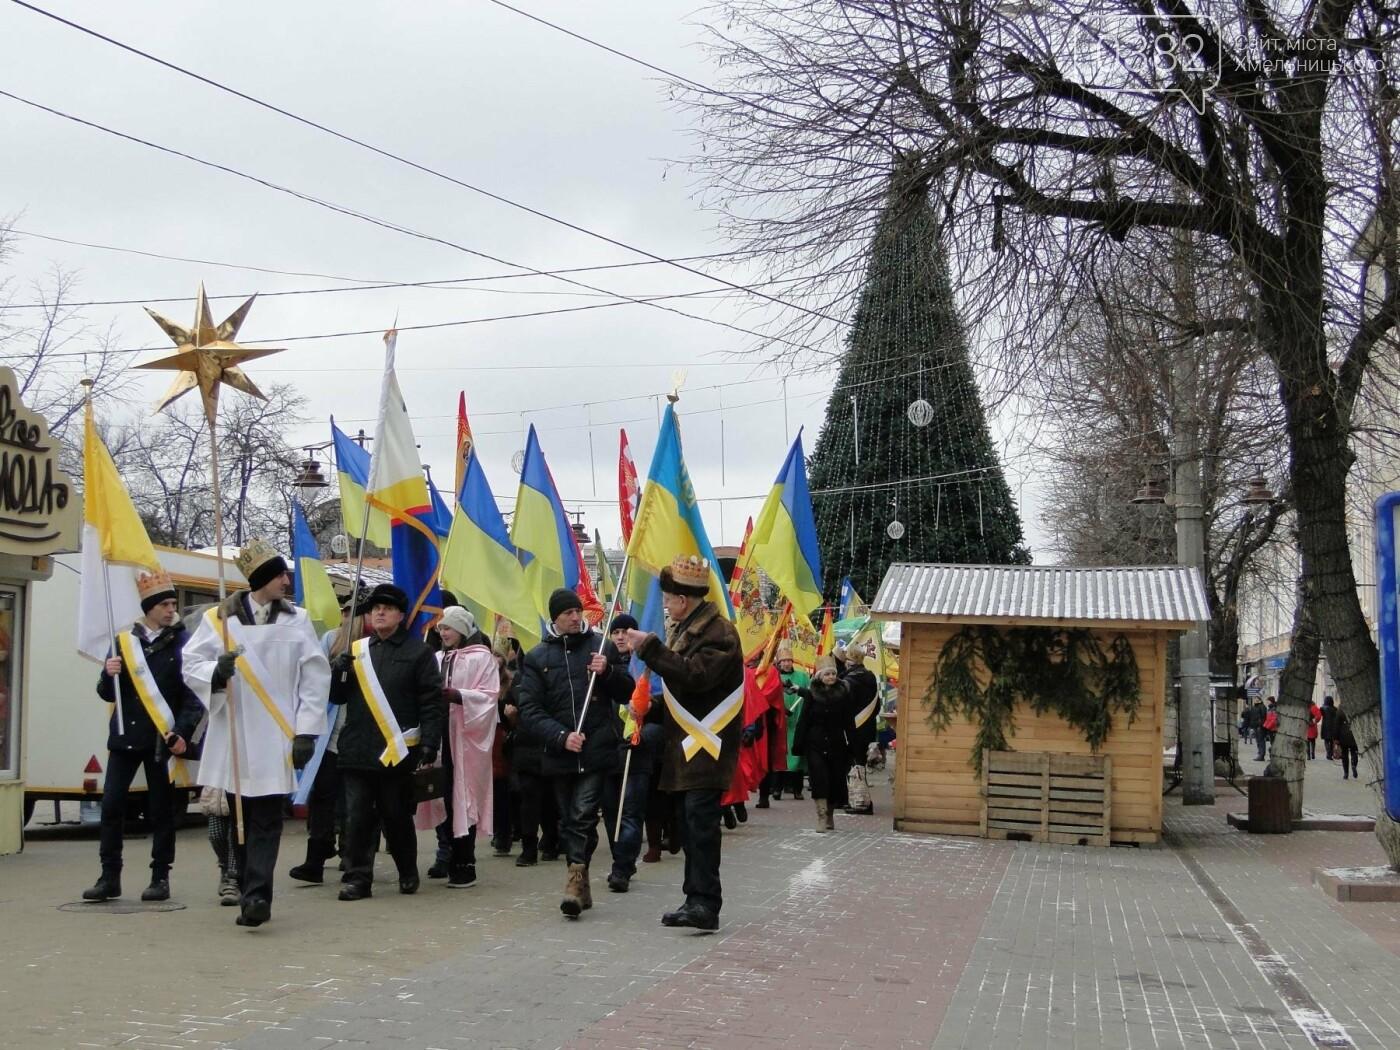 Хмельницьким пройшла святкова хода «Трьох Царів». ФОТО, фото-8